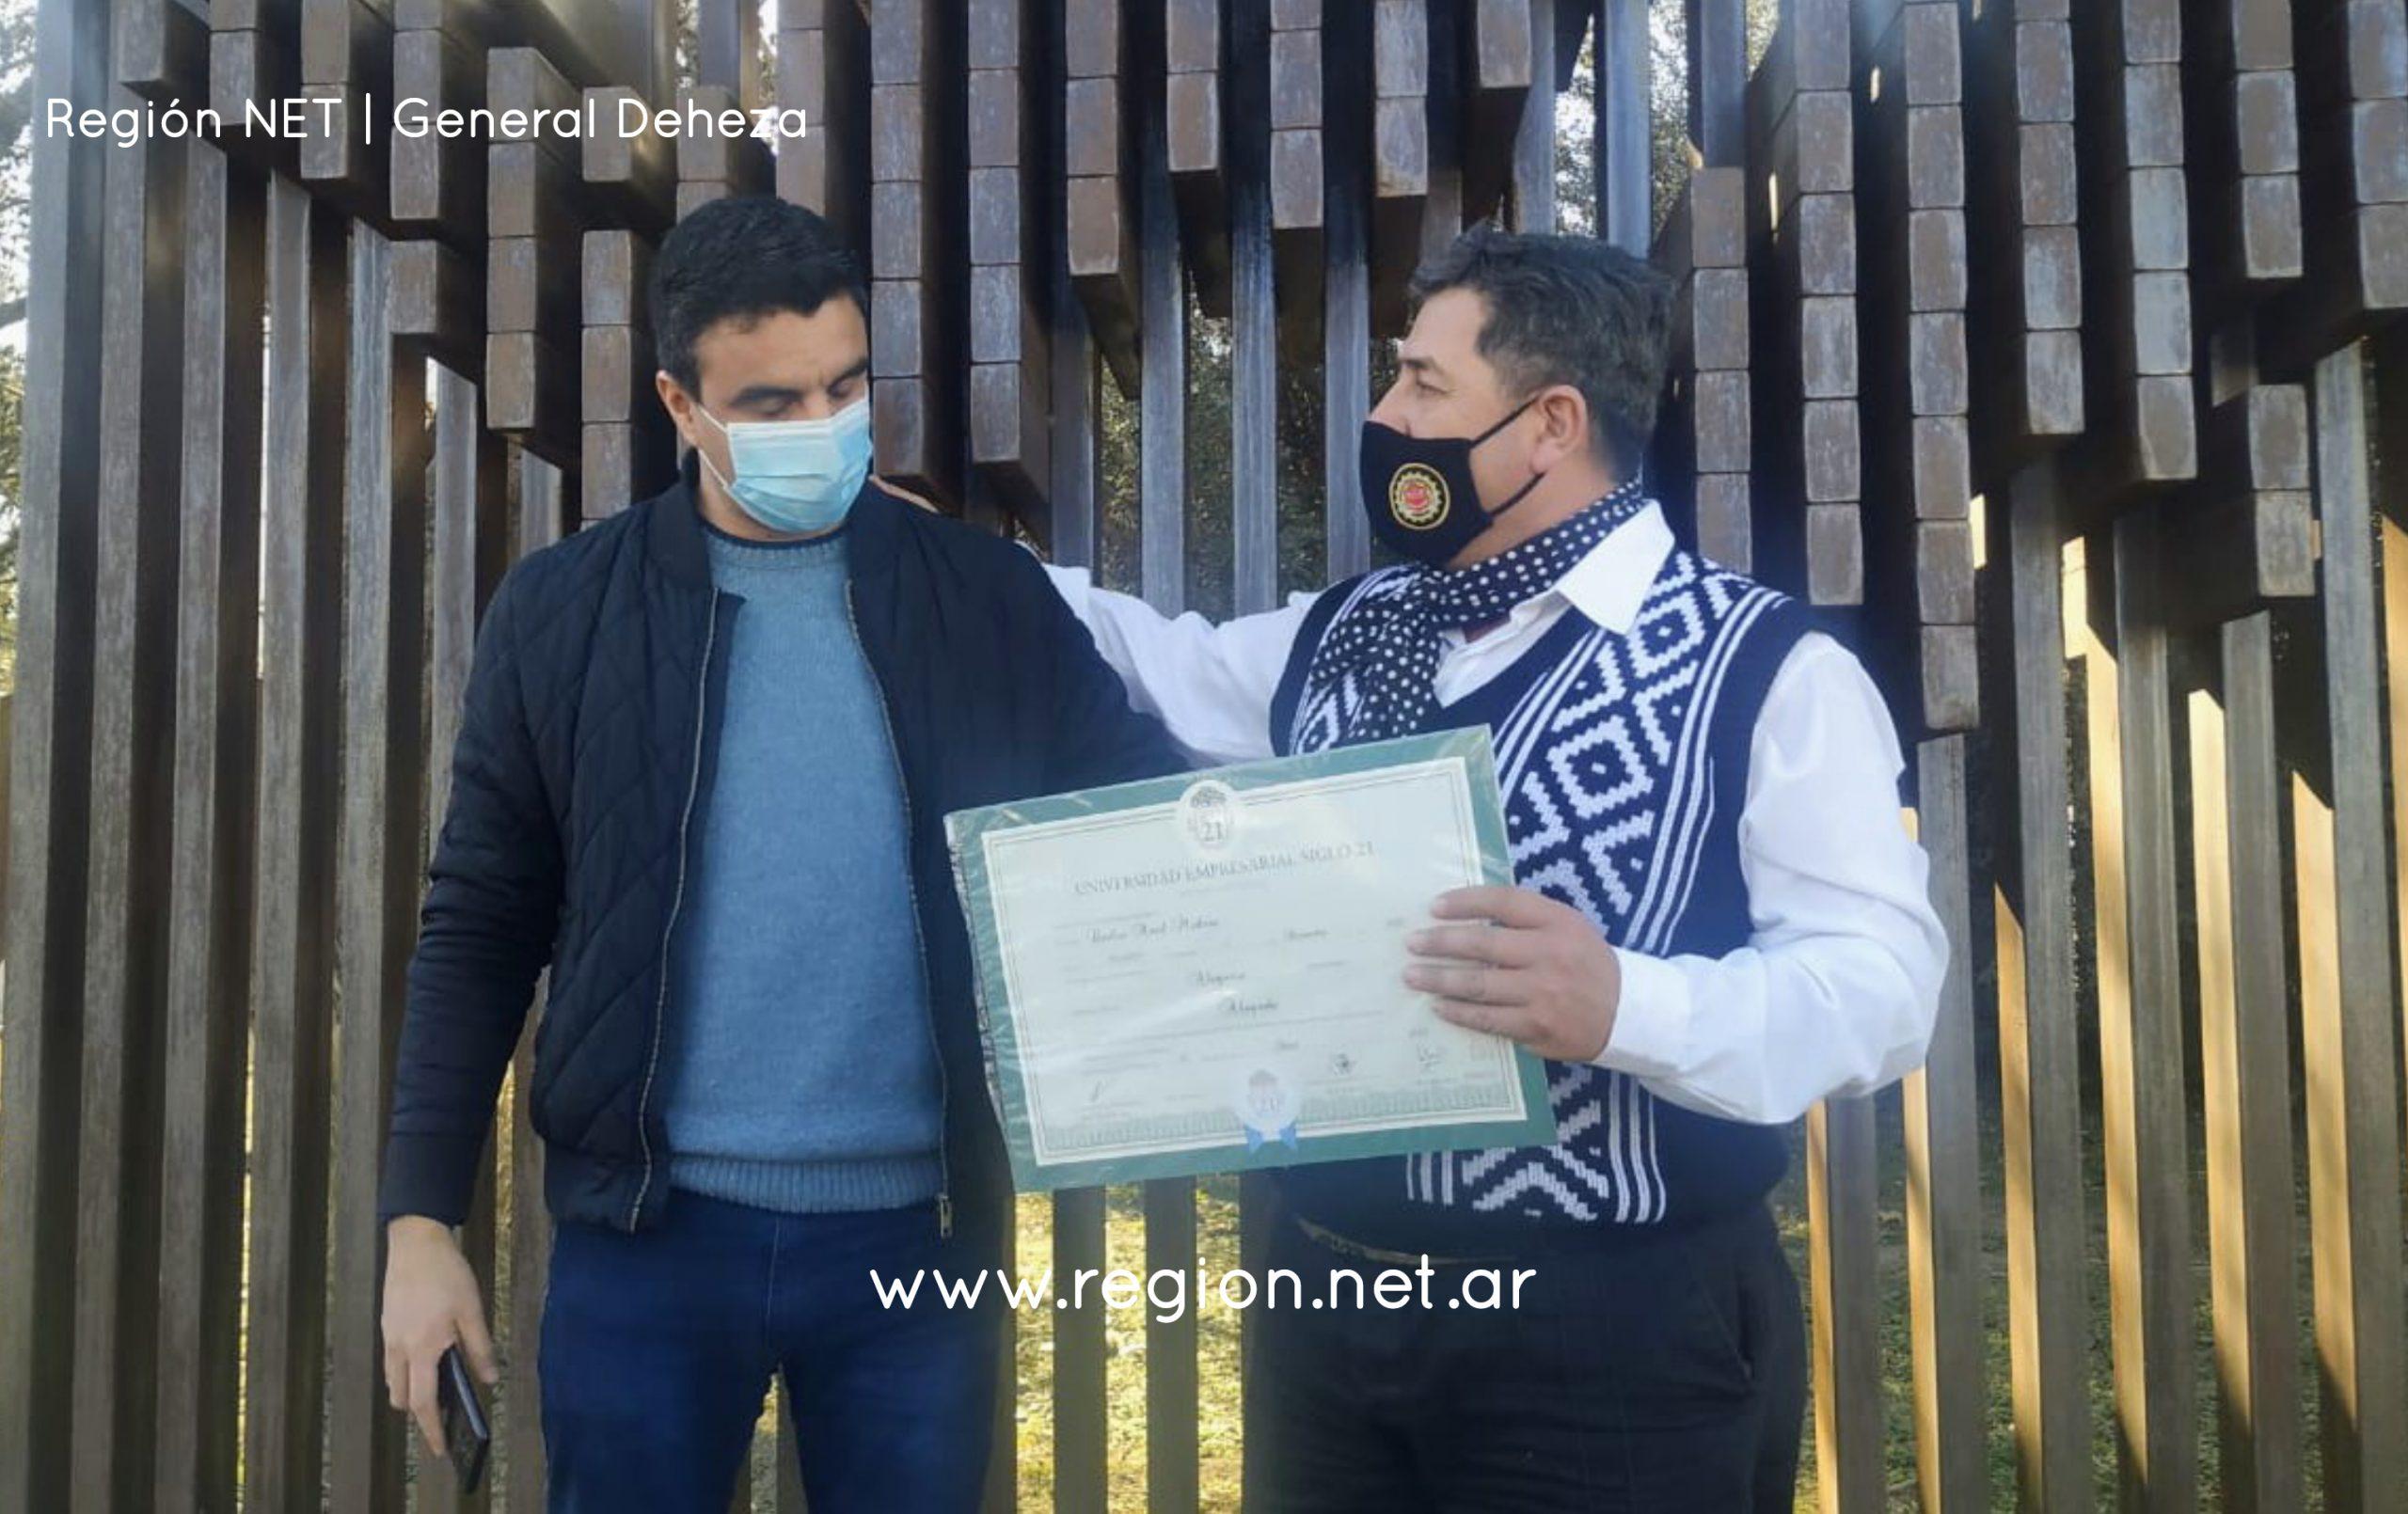 DESDE HERNANDO A DEHEZA EN CABALLO PARA RECIBIR SU DIPLOMA DE ABOGADO